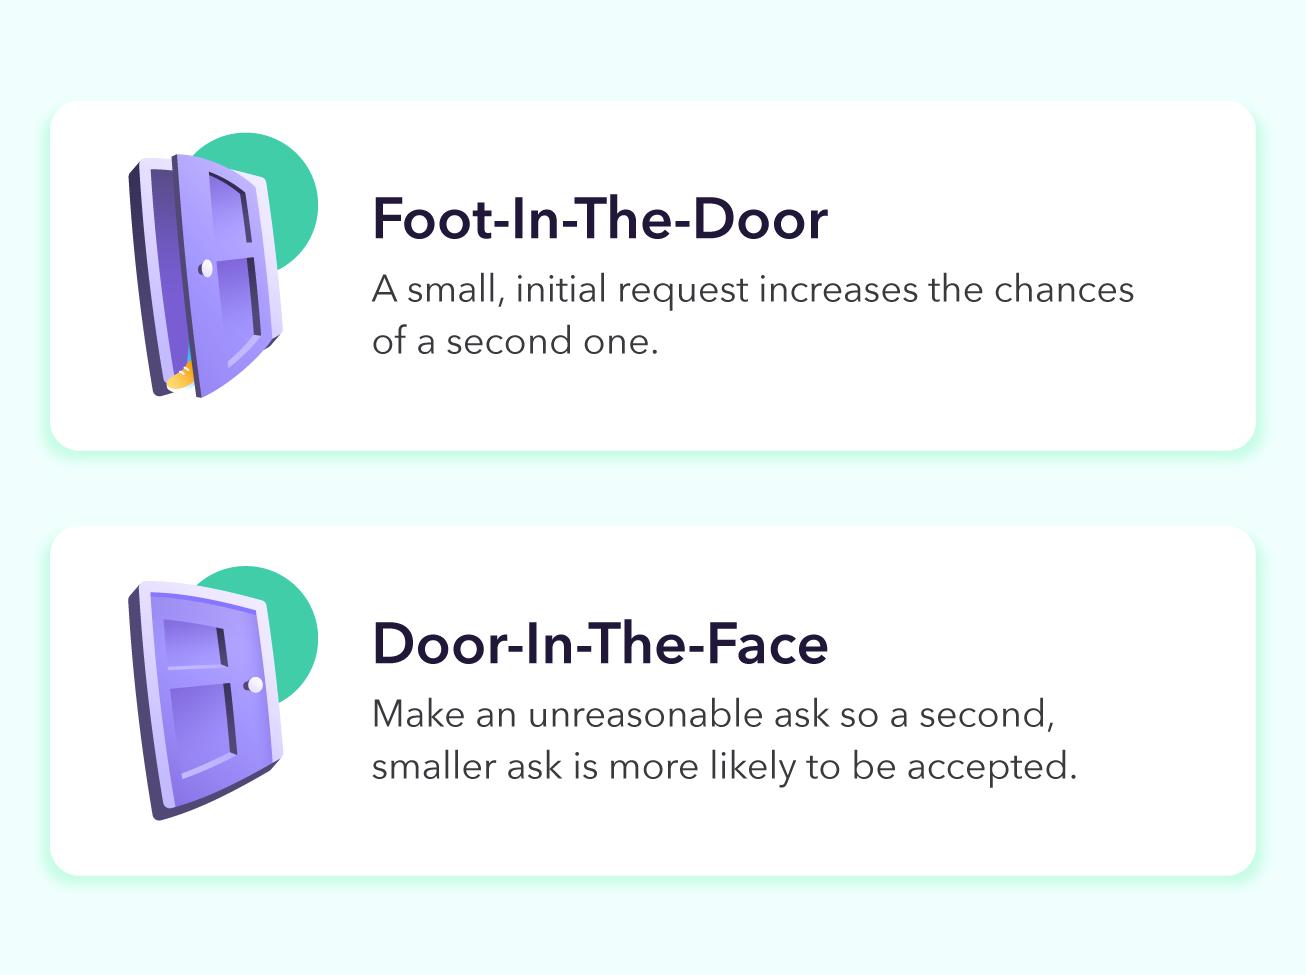 foot-in-the-door-face-negotiation